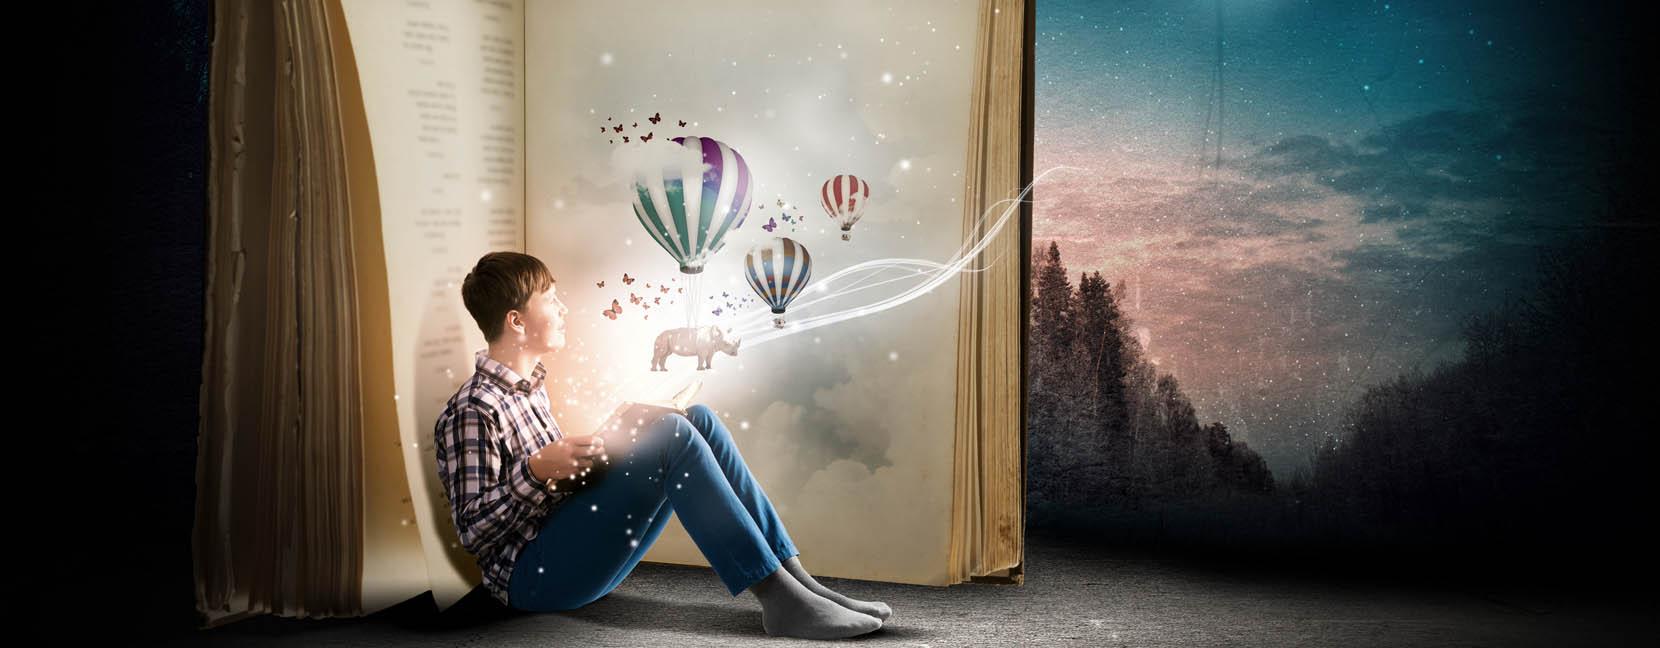 Ragazzo legge un libro e immagina cose fantastiche, è sensibile, preferisce stare da solo